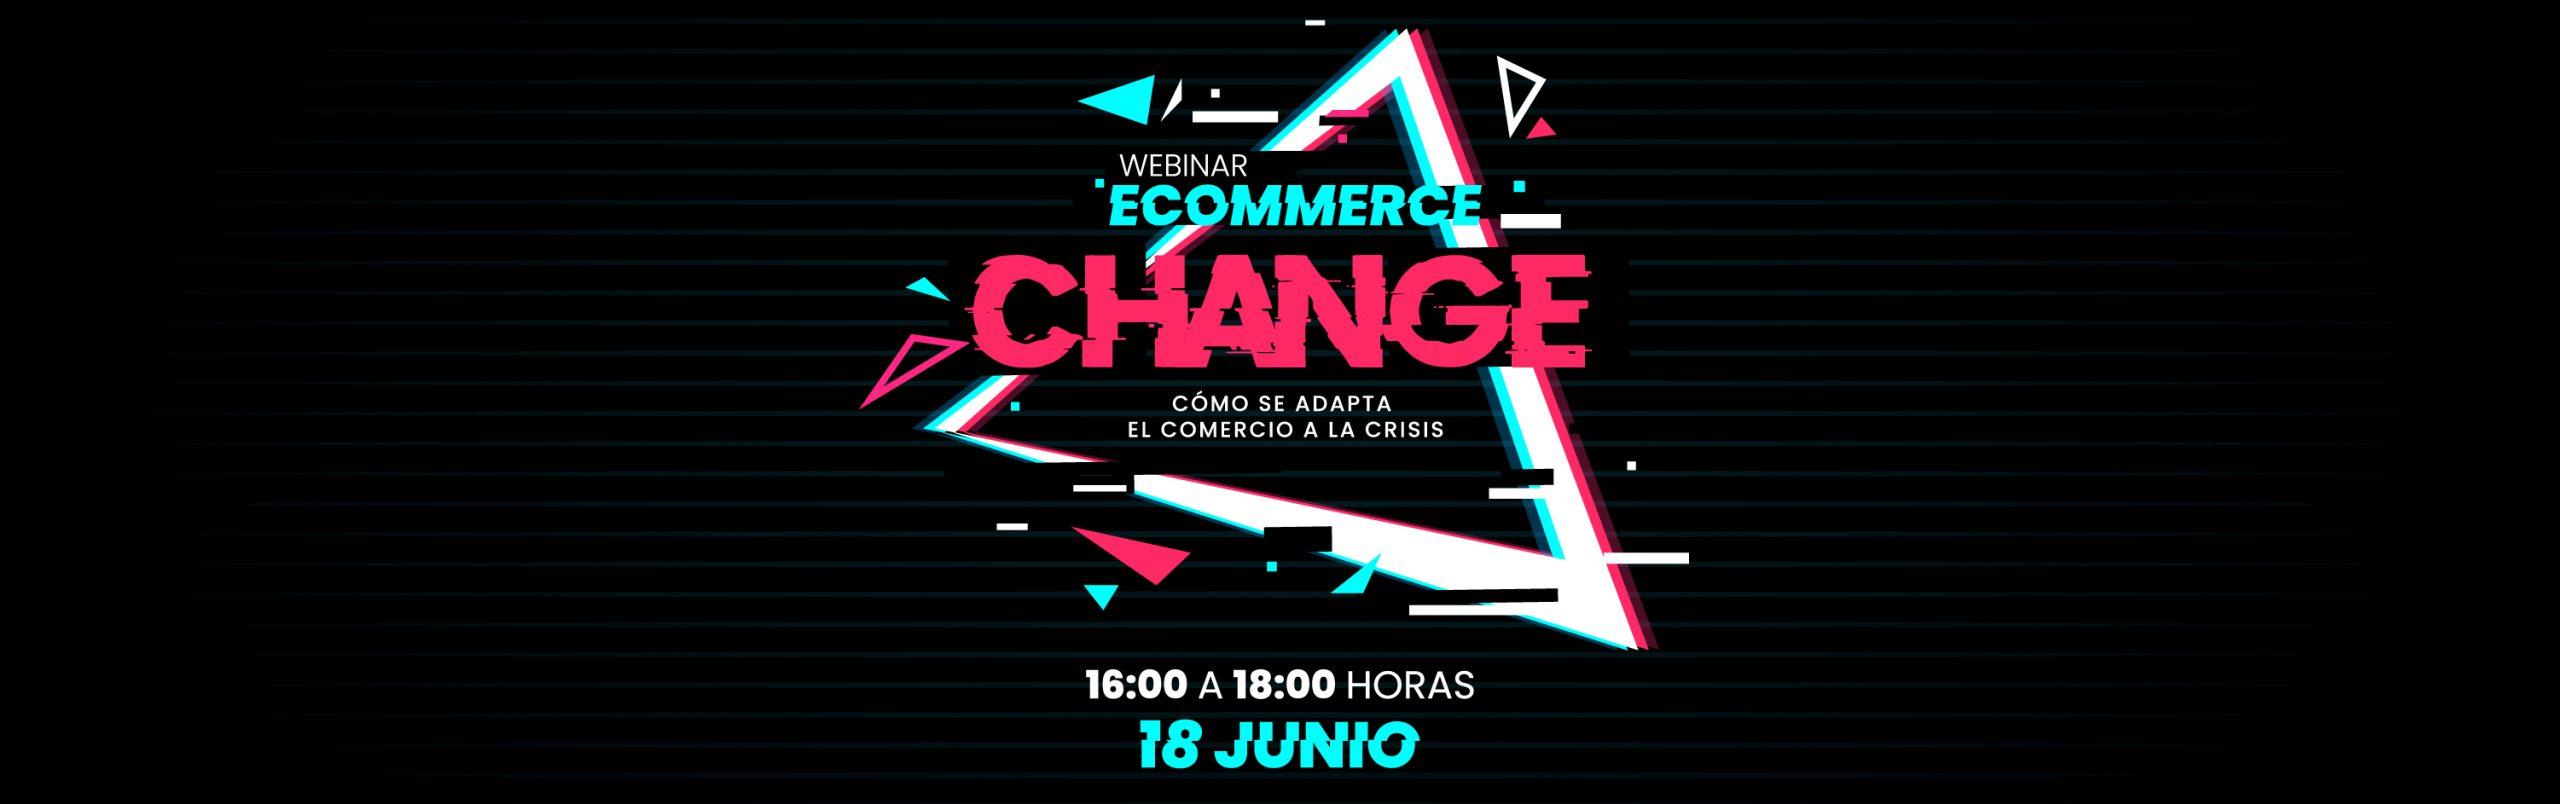 Webinar Ecommerce Change